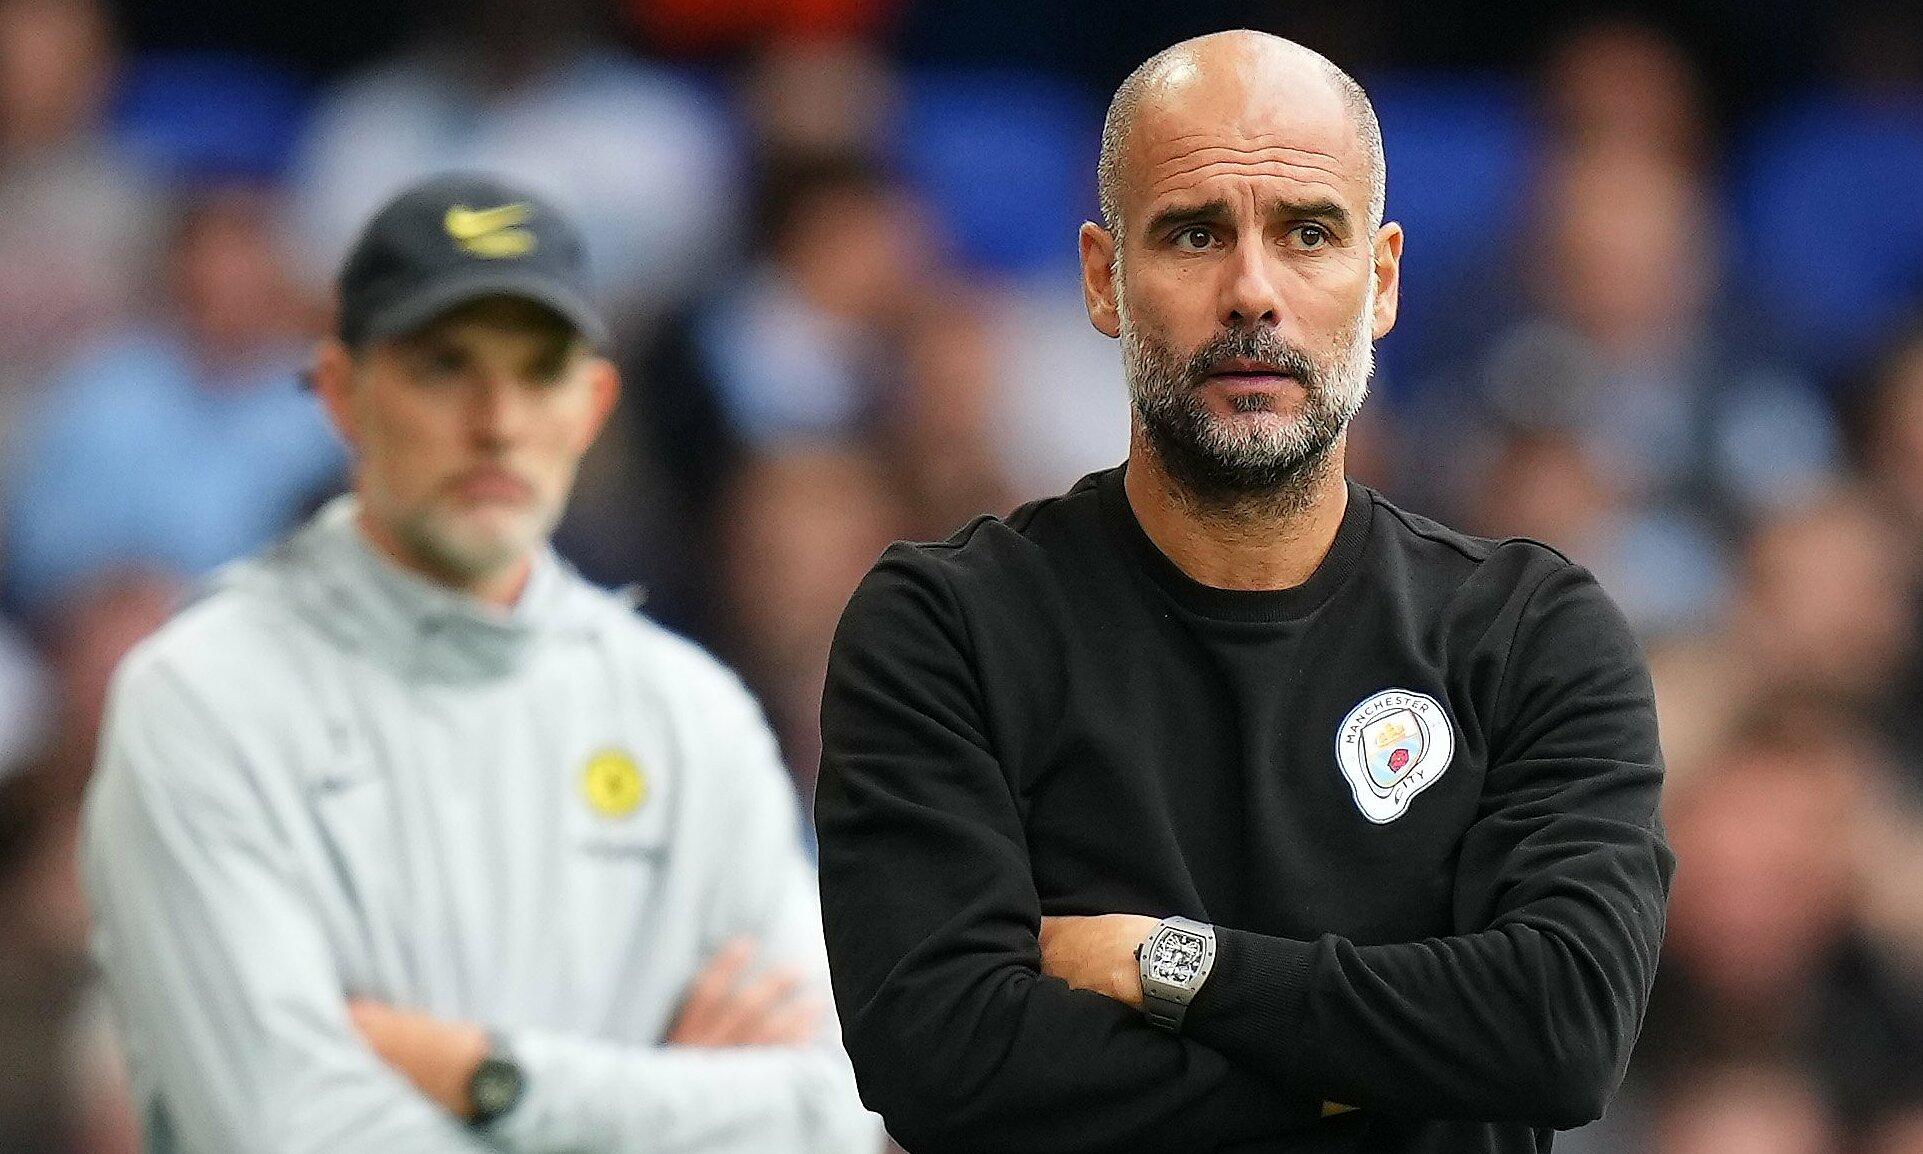 Guardiola đăm chiêu dõi theo diễn biến trận Man City hạ chủ nhà Chelsea 1-0 trên sân Stamford Bridge hôm 25/9. Ảnh: Twitter / Manchester City